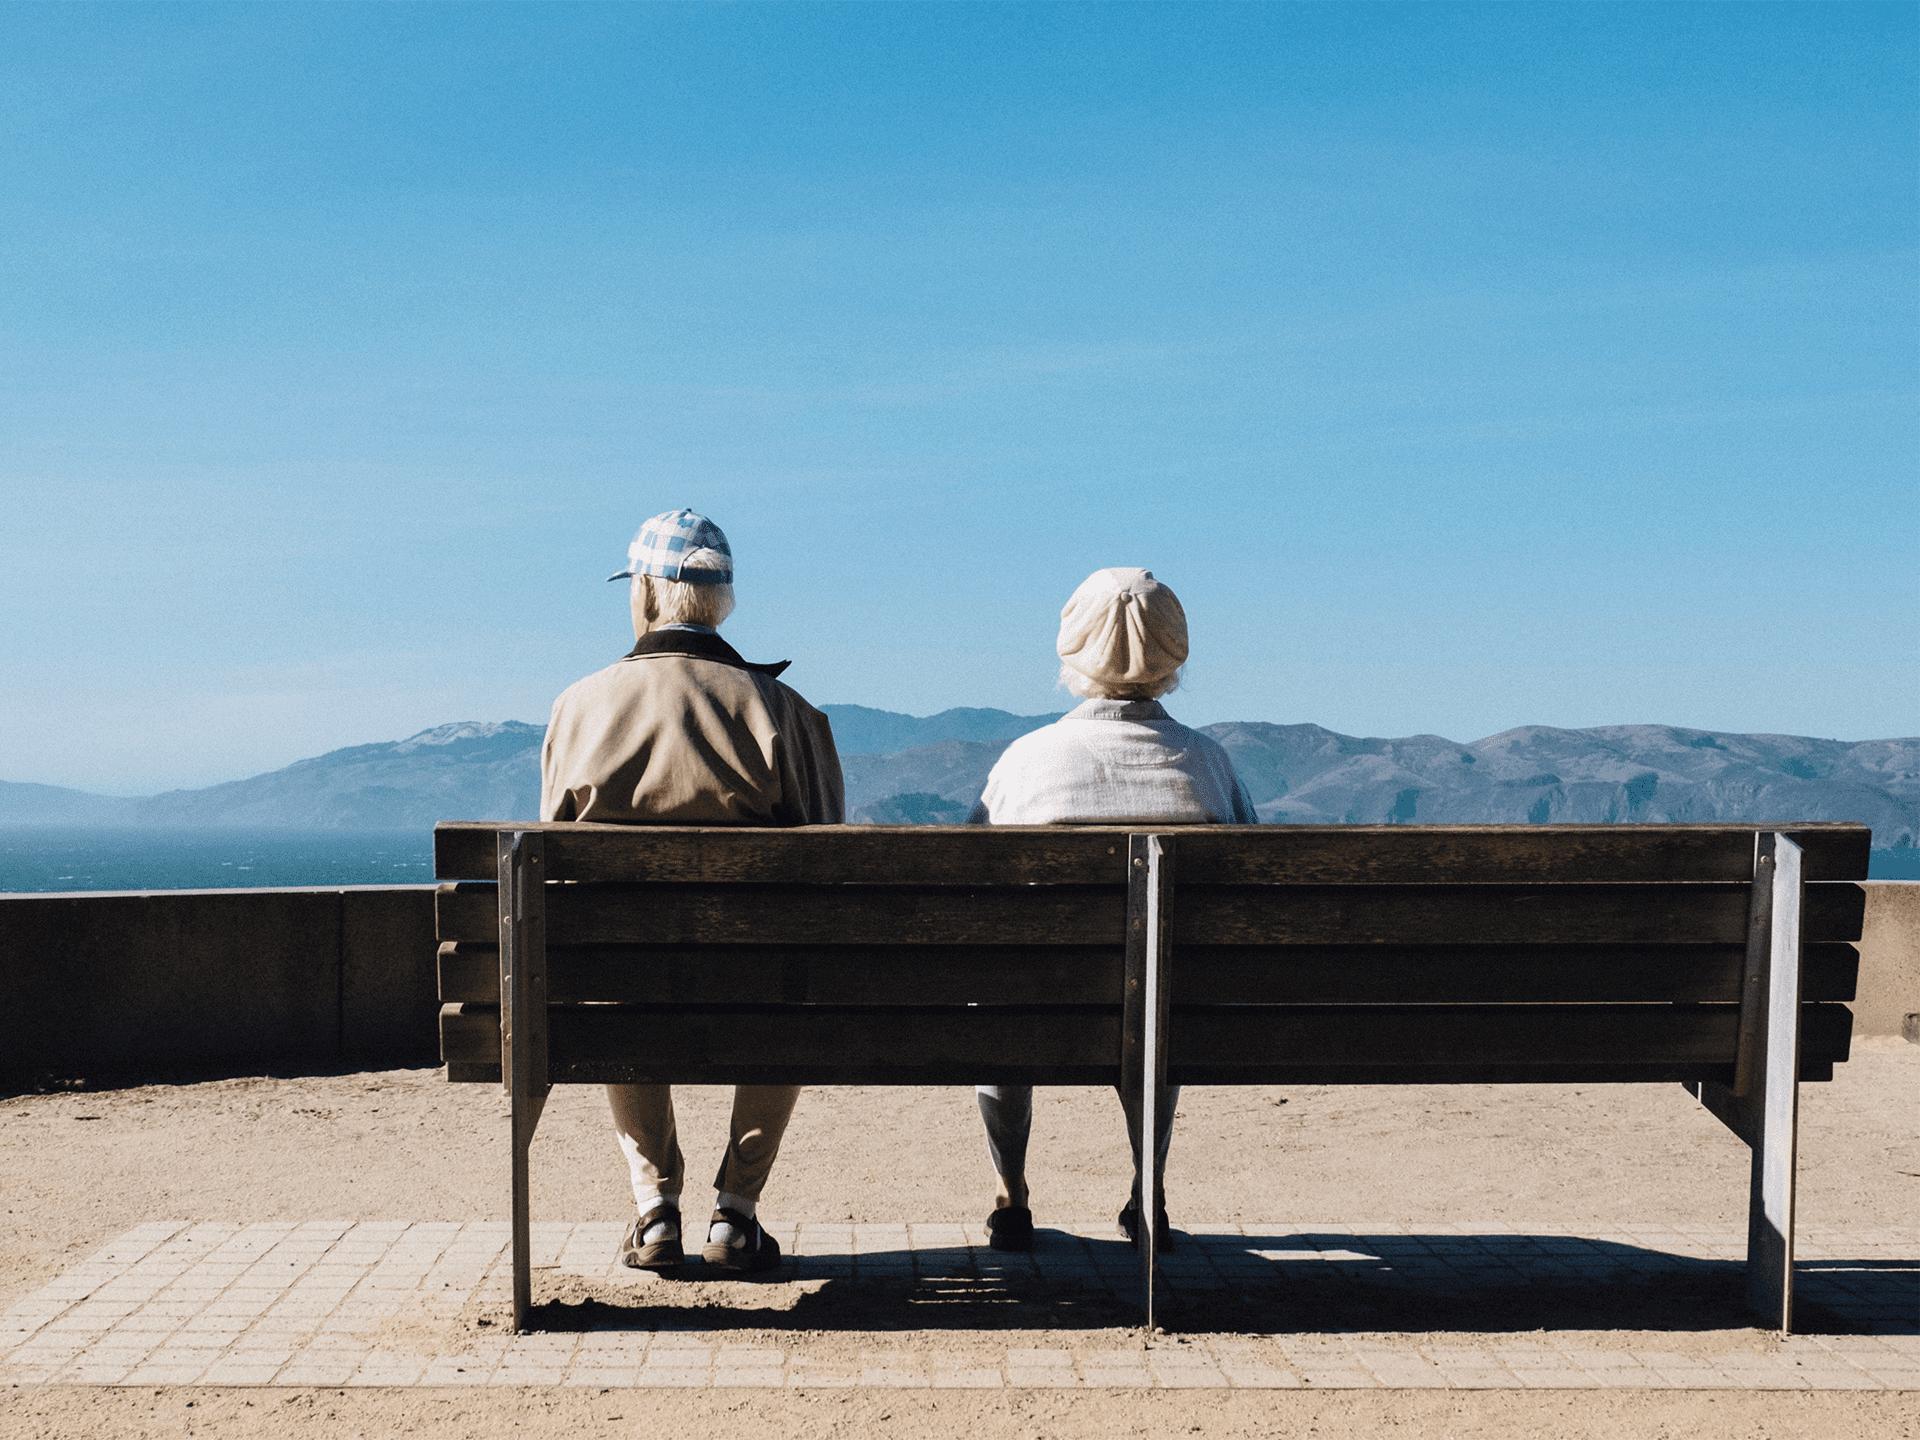 Dwie osoby siedzące obok siebie na drewnianej ławce, w tle góry i woda